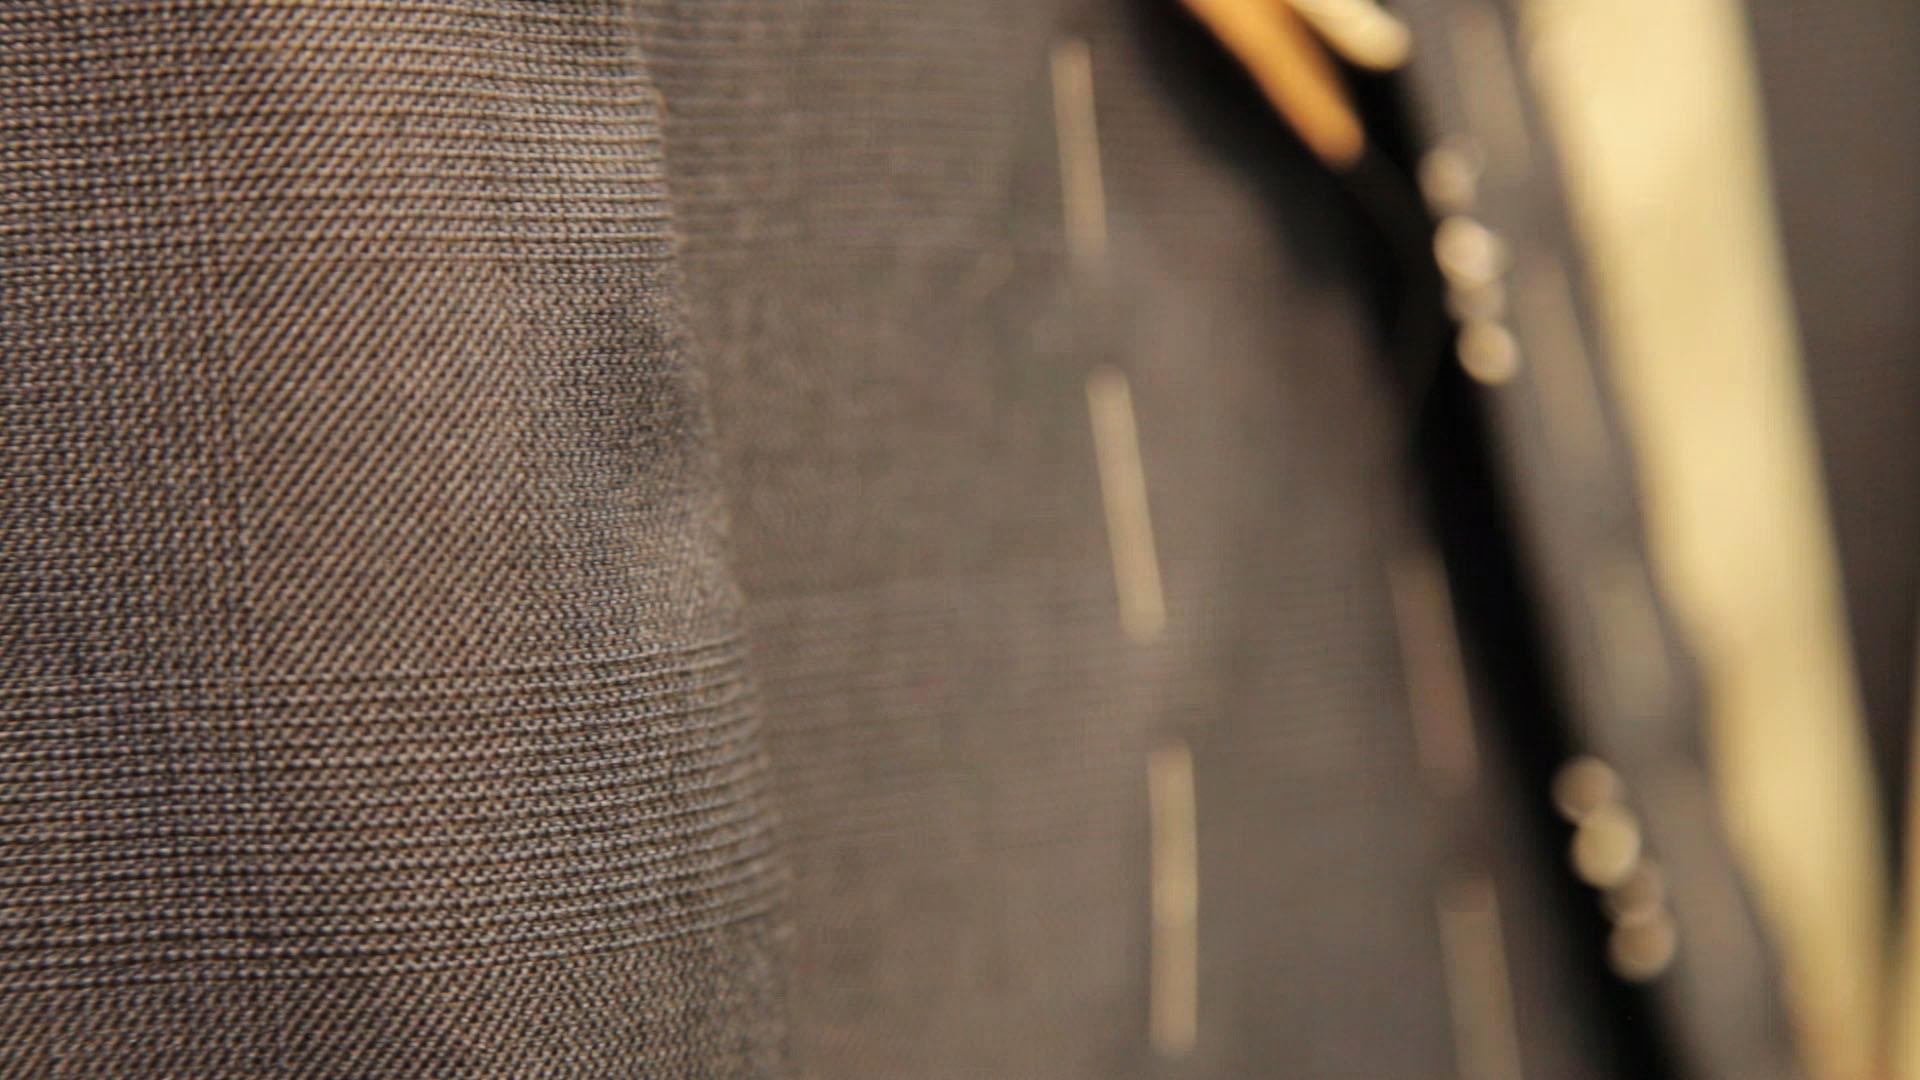 7 - Cloth NBNW Fitting